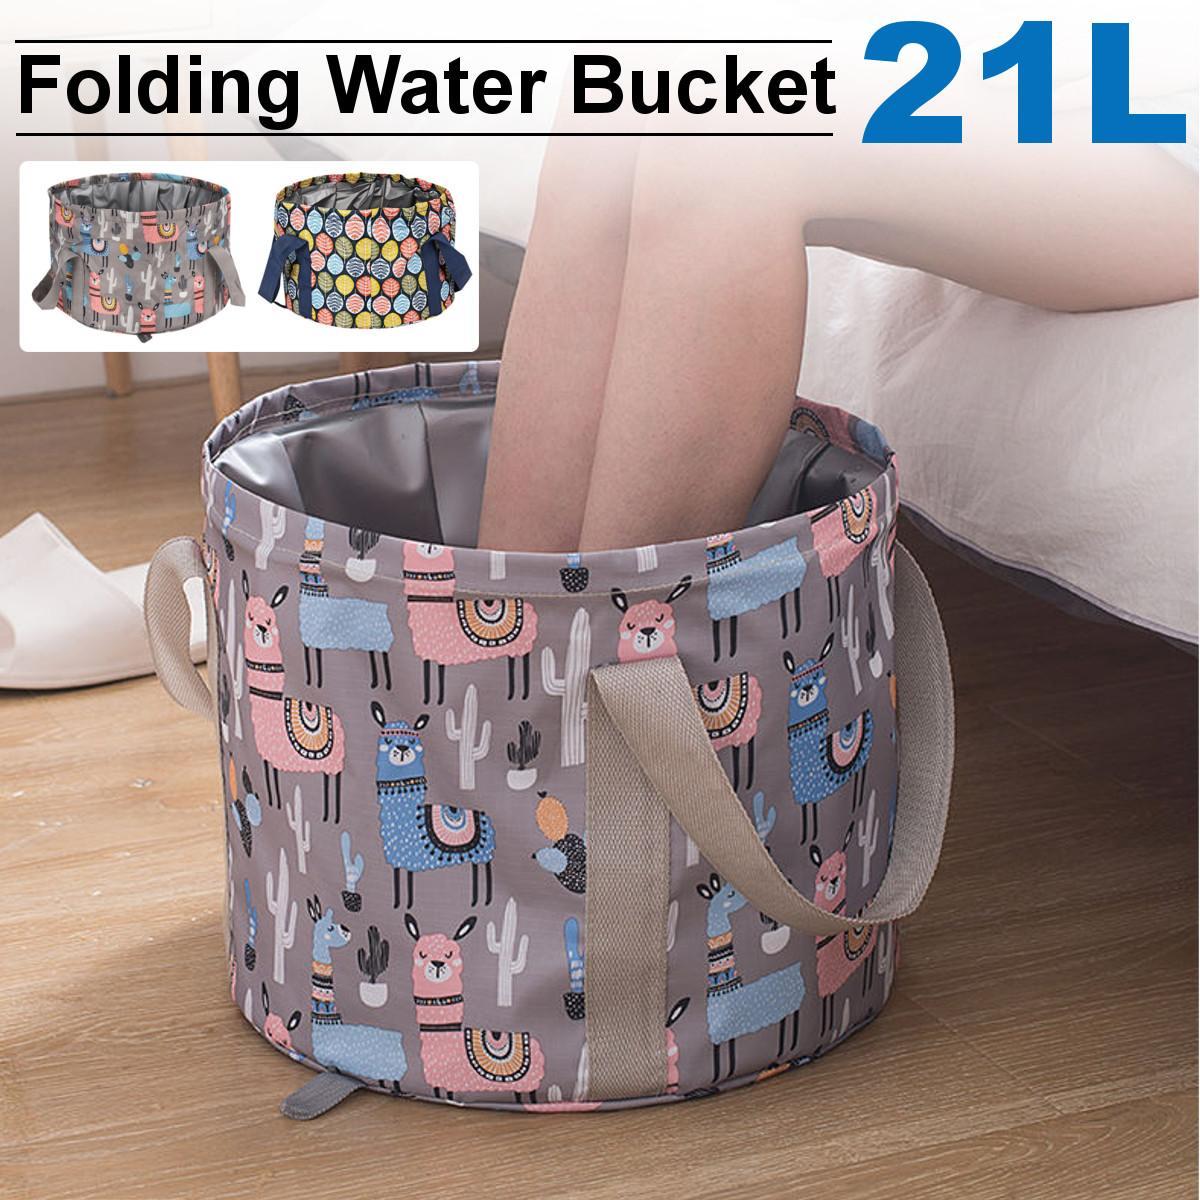 Bañera de pies plegable, bolsa de baño portátil, cubo de agua de lavabo de gran capacidad, bañera de masaje para pies, para viajes al aire libre